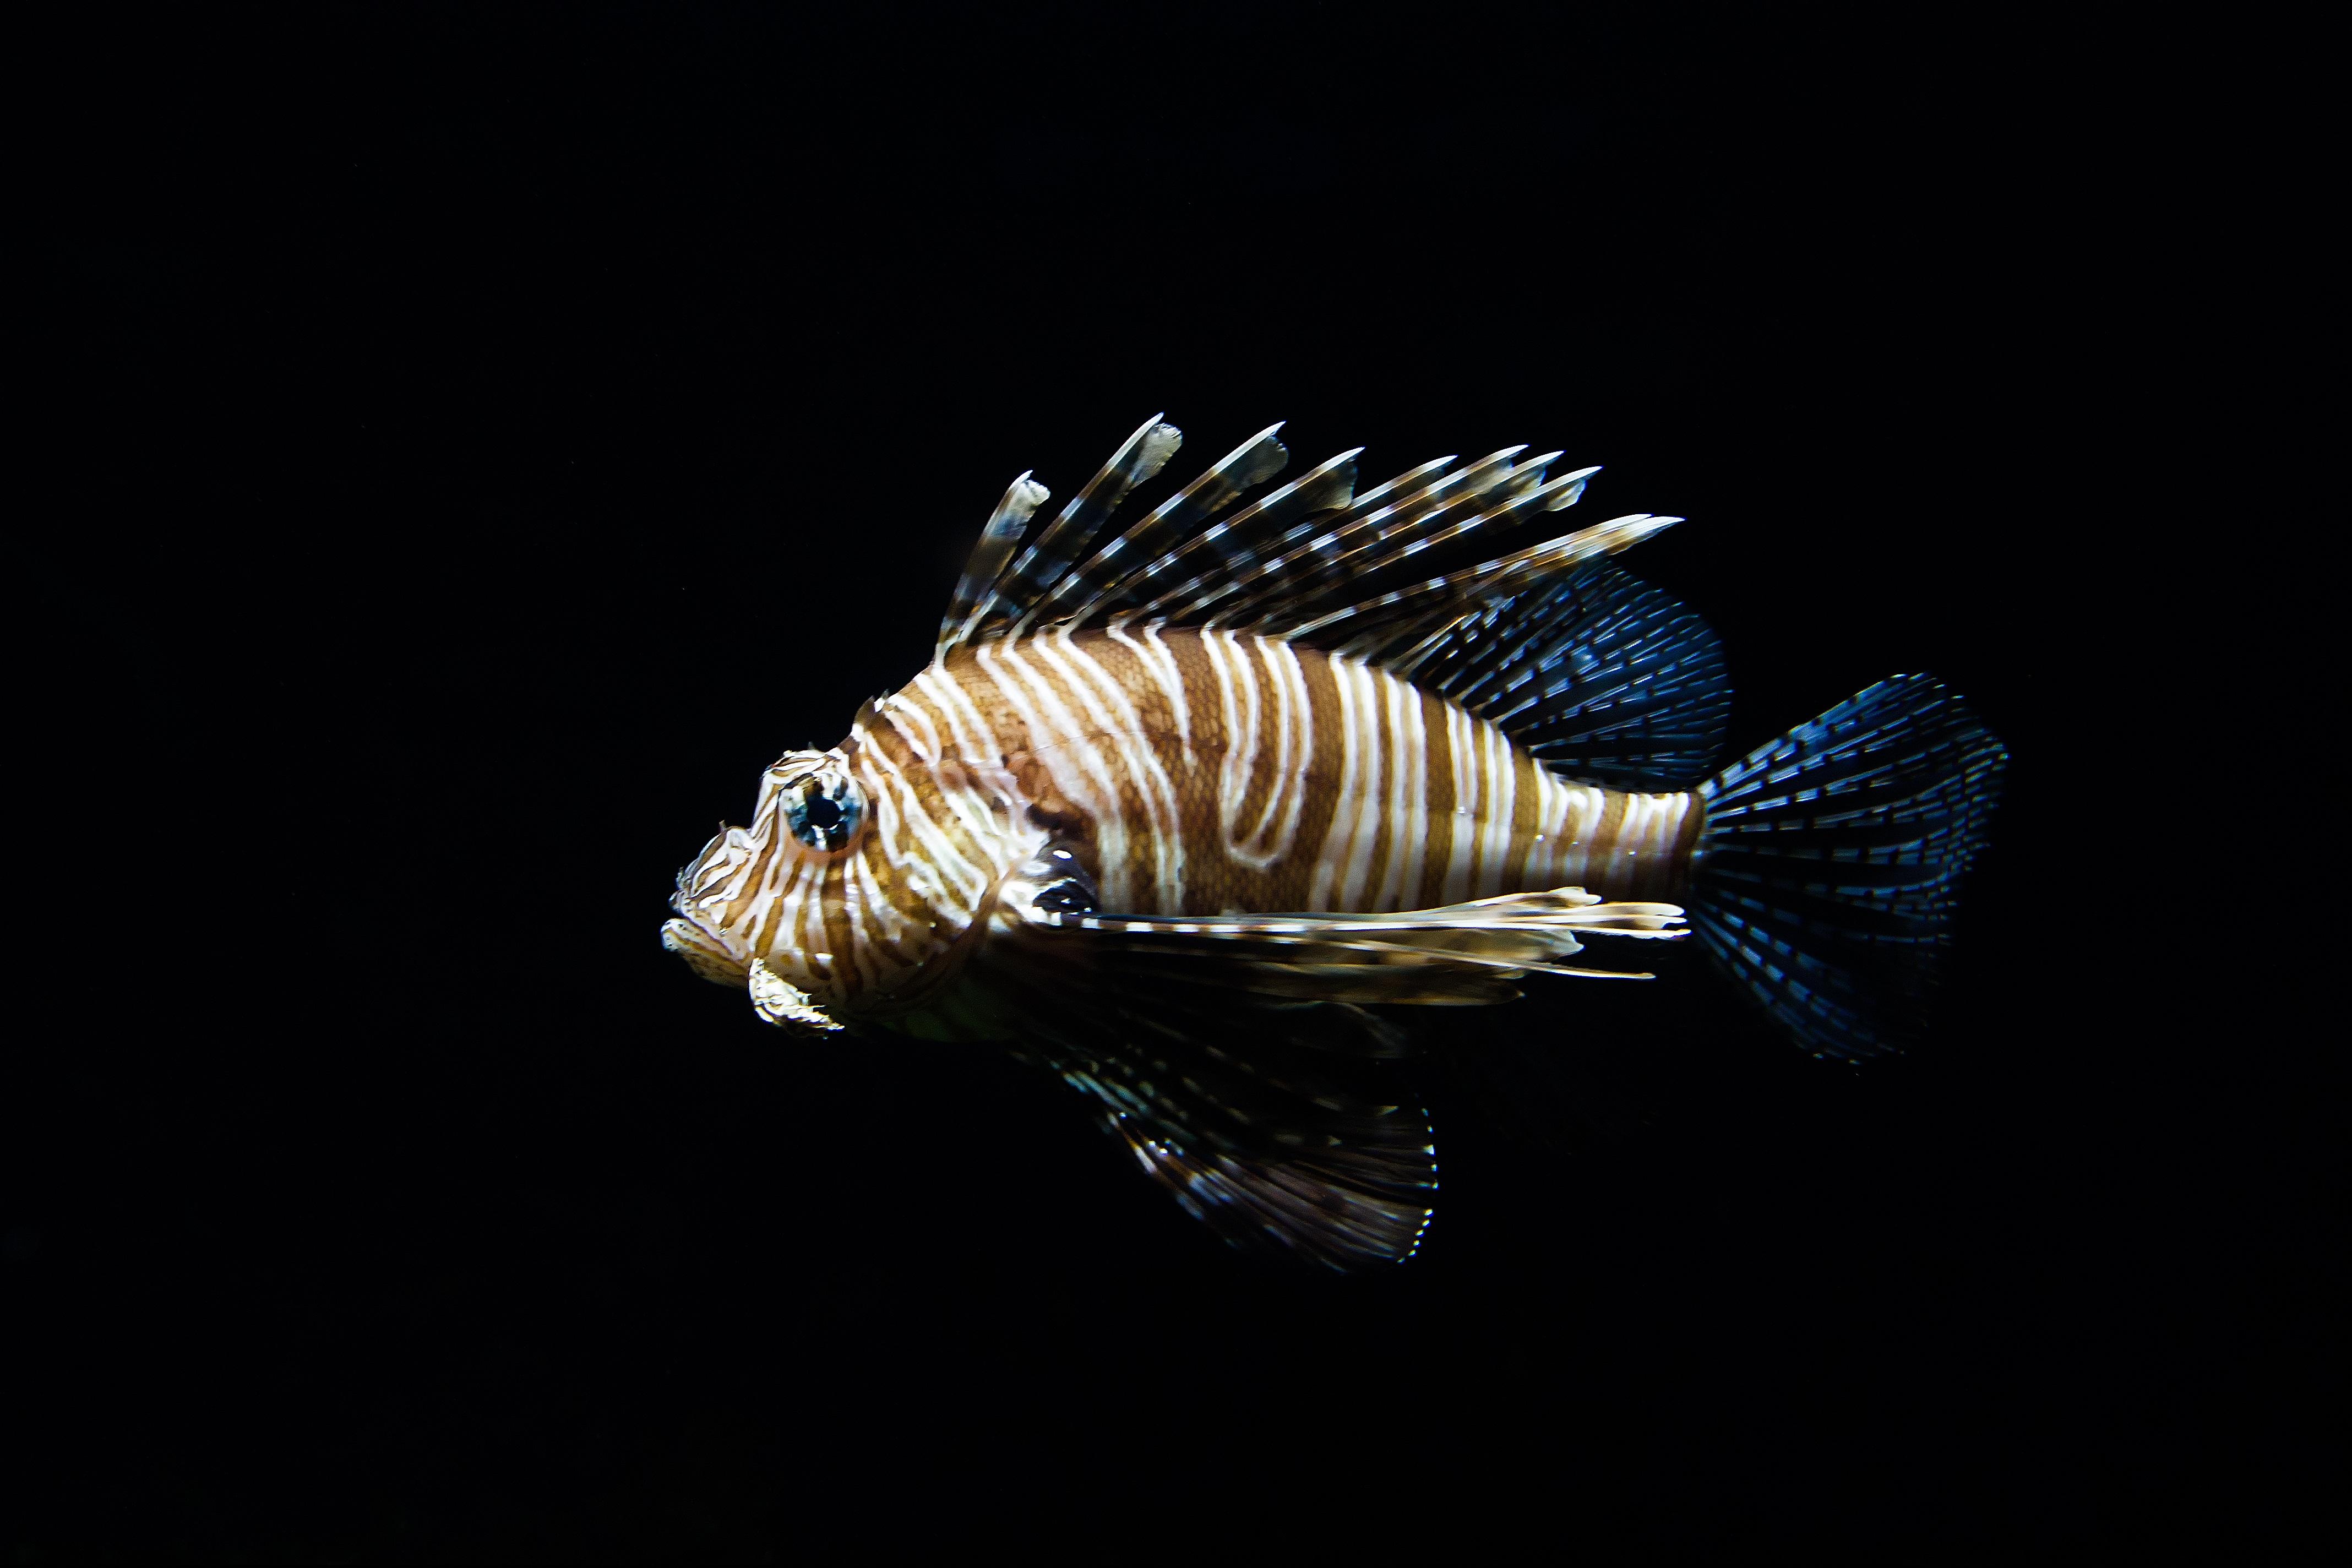 Images Gratuites : mer, eau, la nature, aile, animal, faune, sous ...